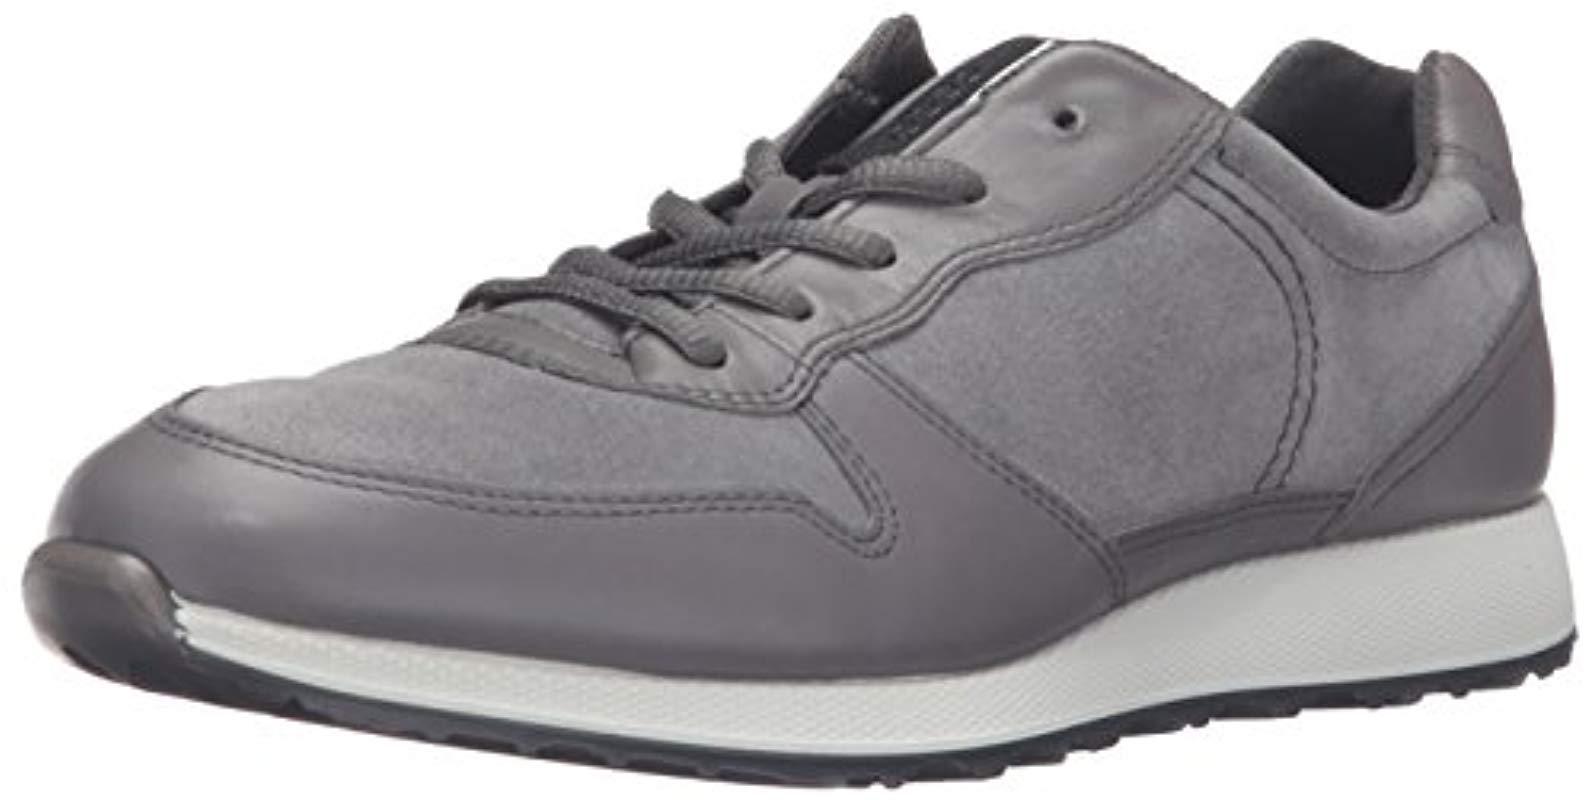 9d50e7cd2963 Lyst - Ecco Sneak Retro Tie Fashion Sneaker in Gray